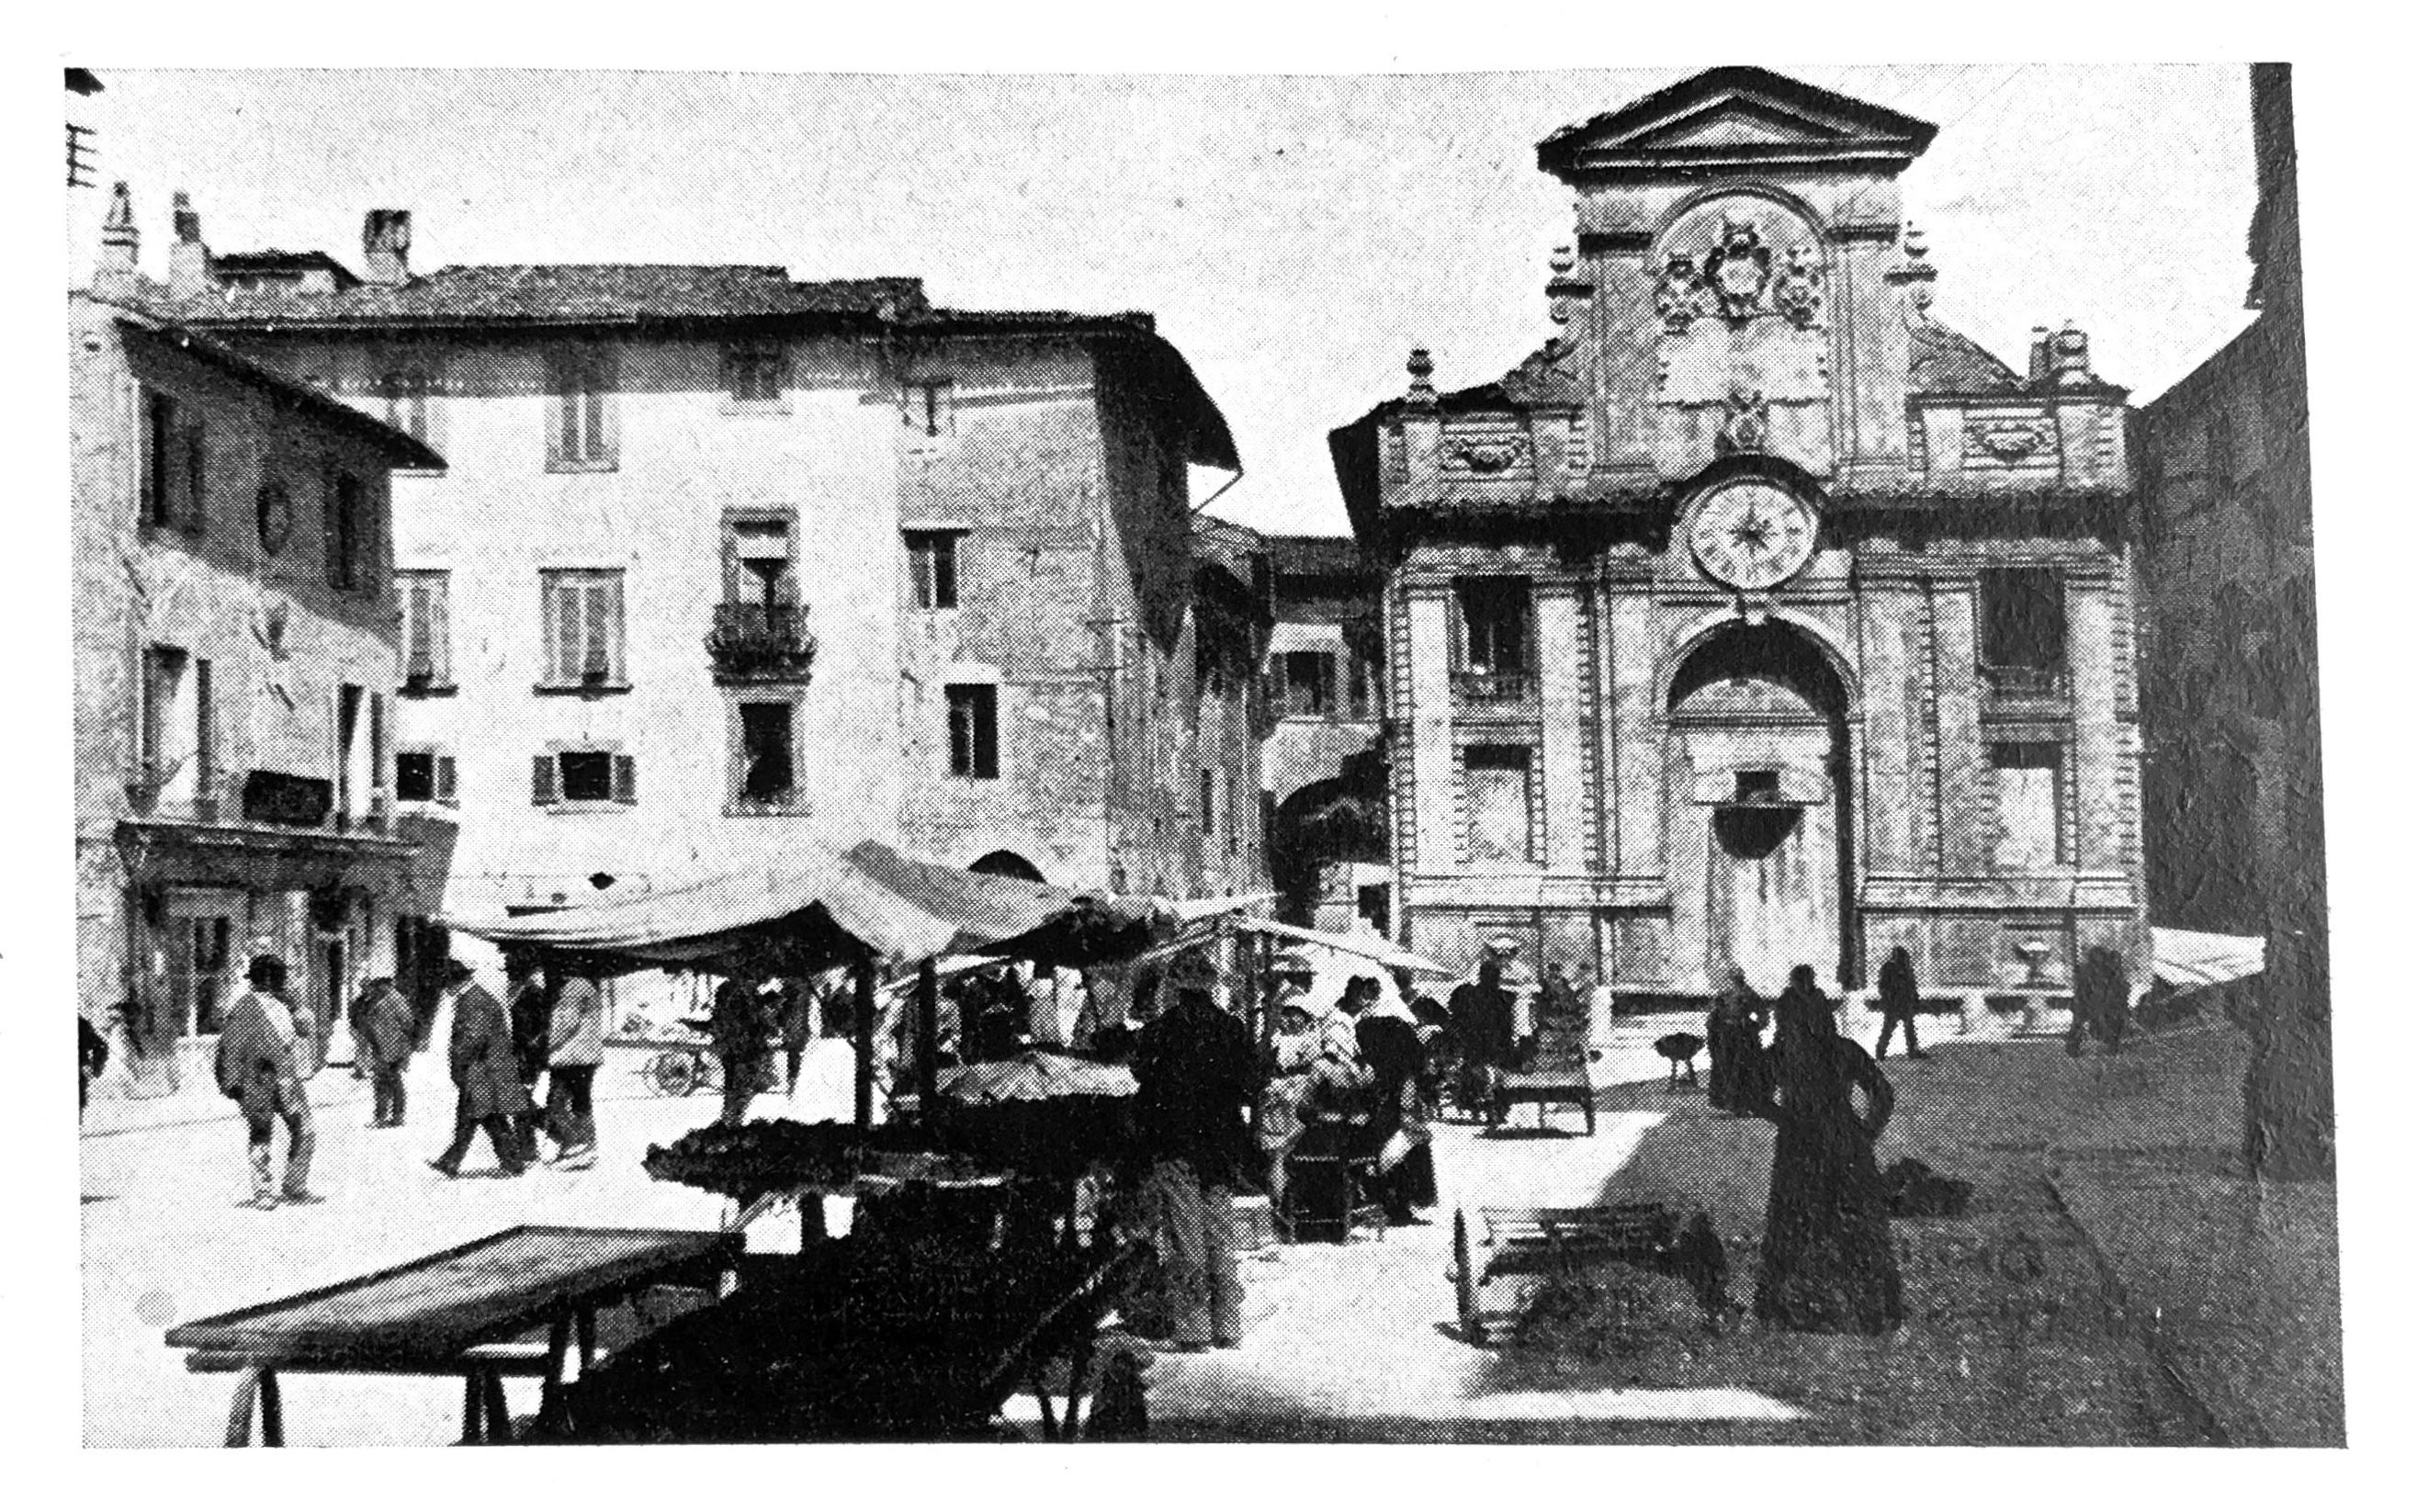 L'Italia monumentale   Piazza del Mercato